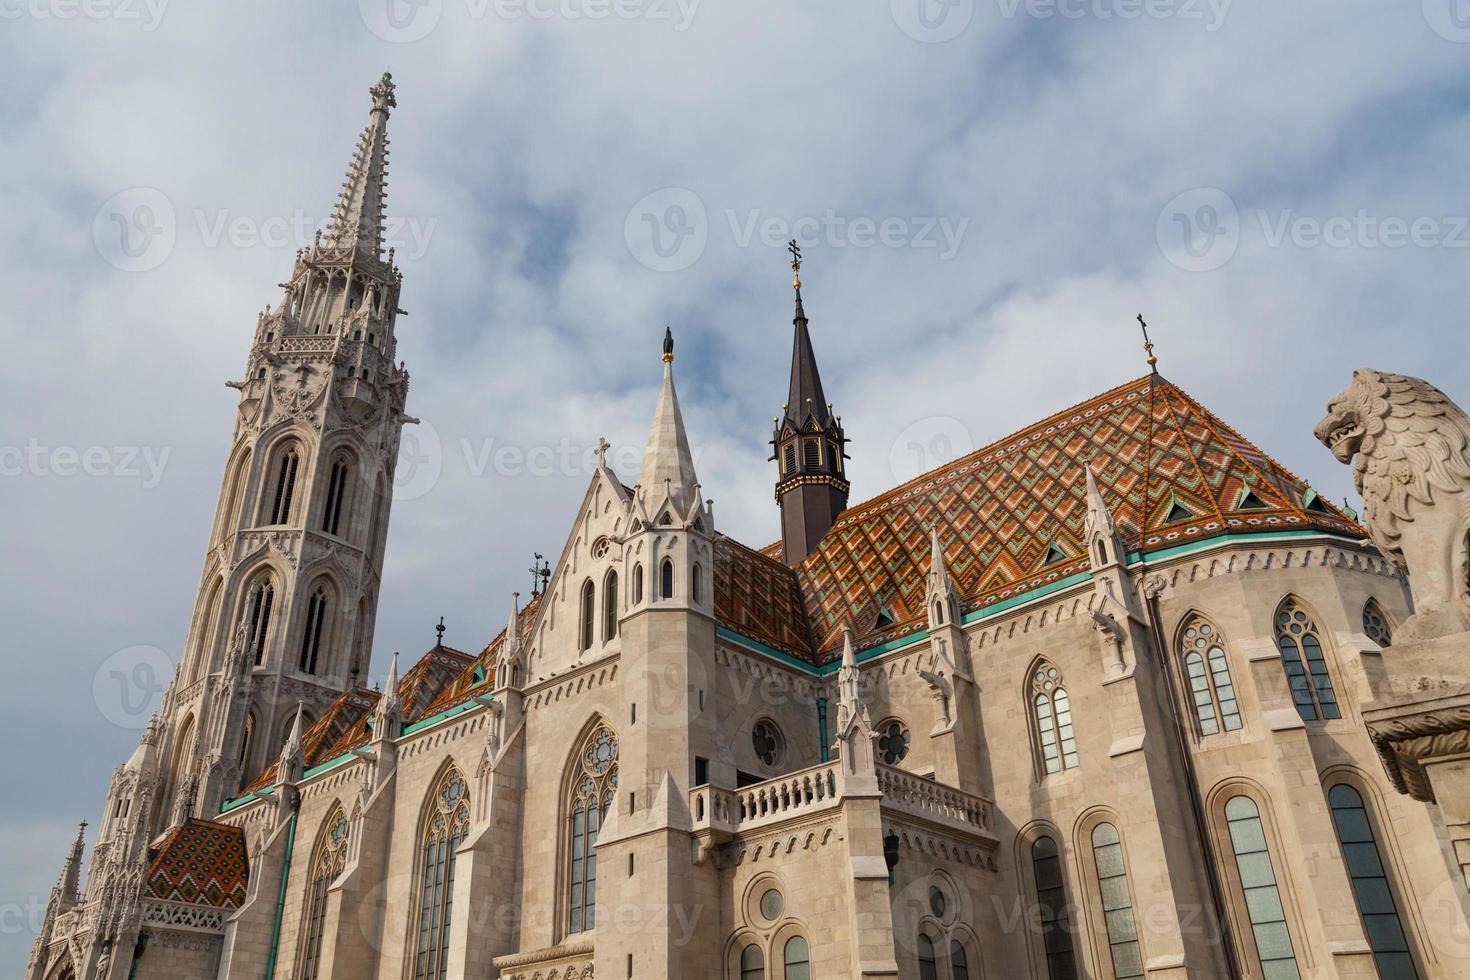 chiesa di mattia, budapest, ungheria foto